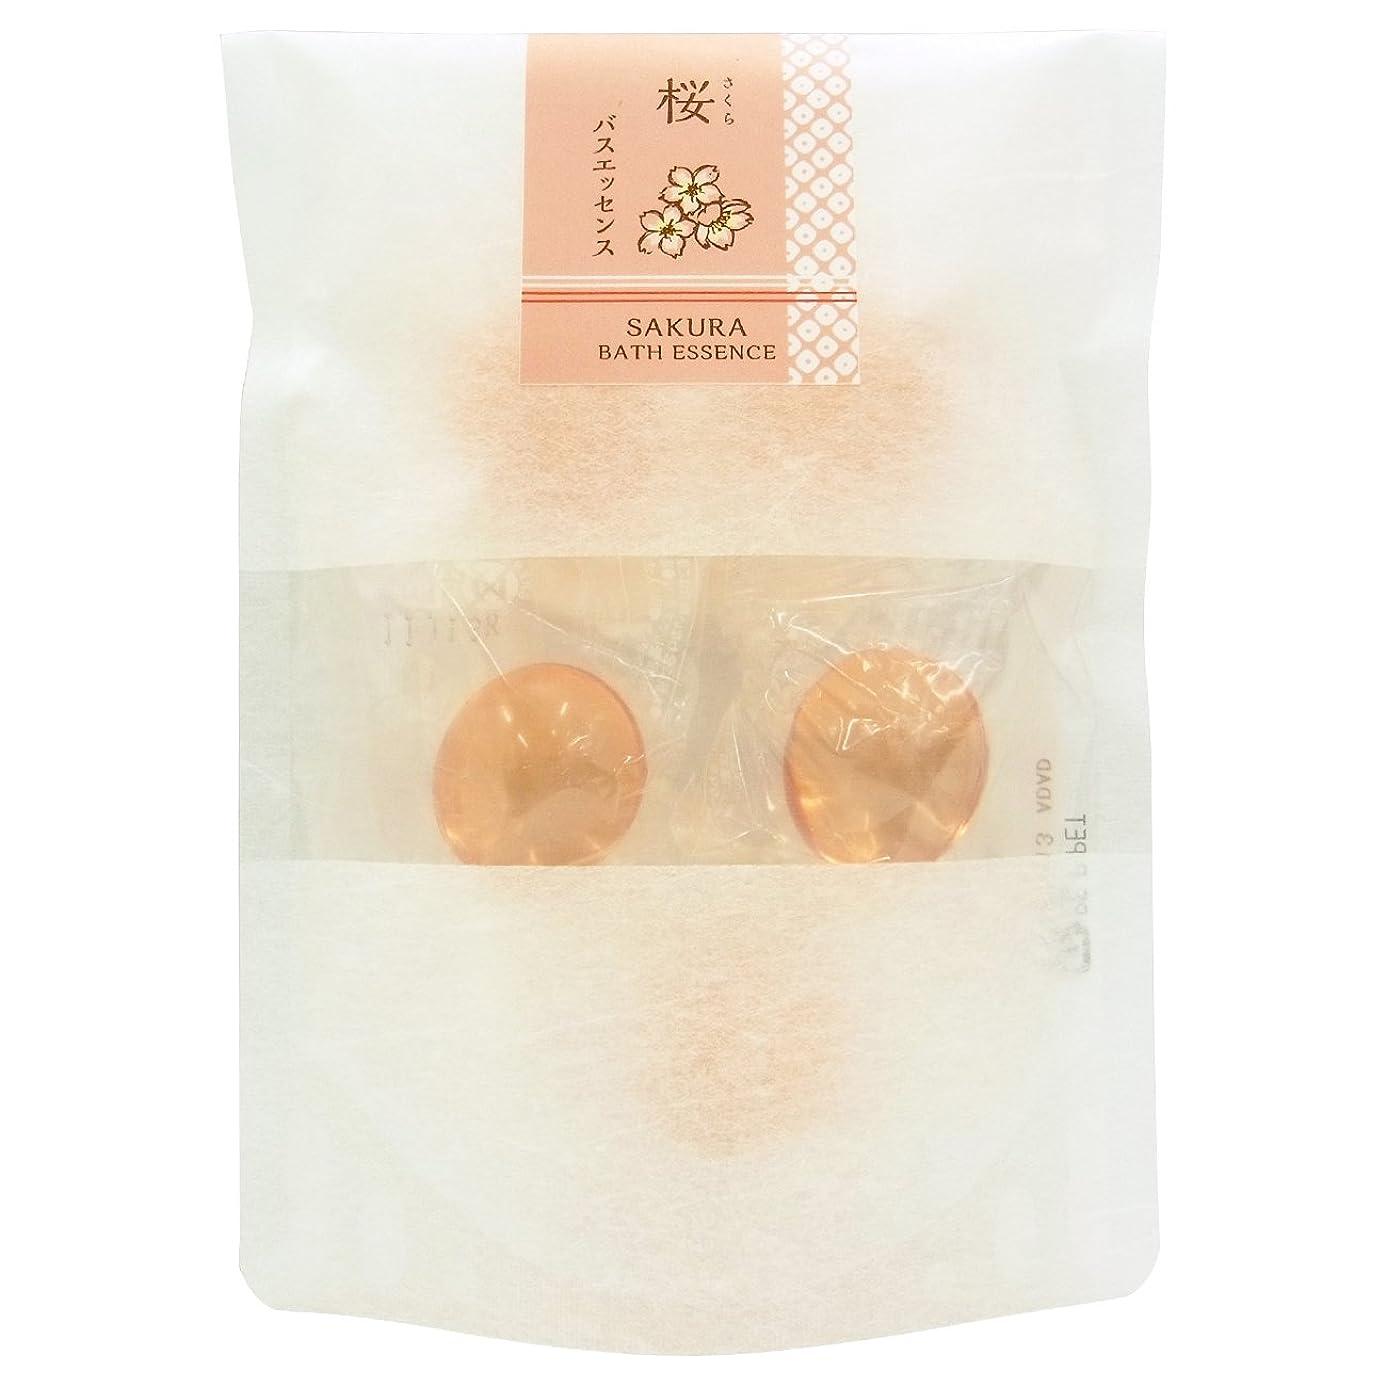 冬高音避ける和の湯 バスエッセンス 桜 (8g × 5個)